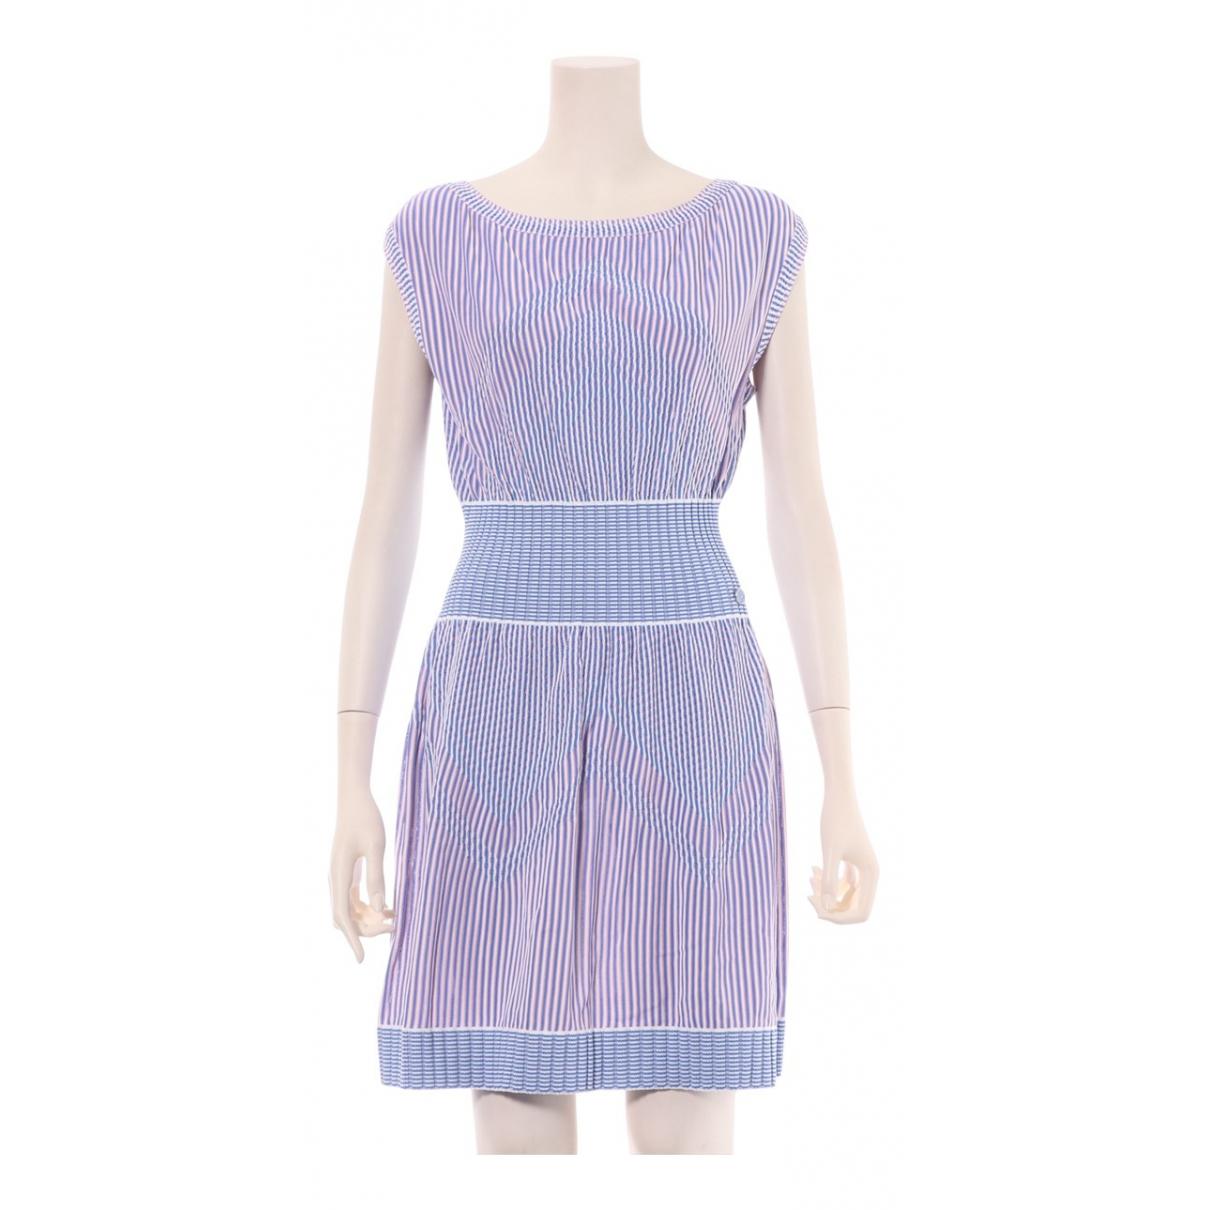 Chanel \N Kleid in  Blau Synthetik